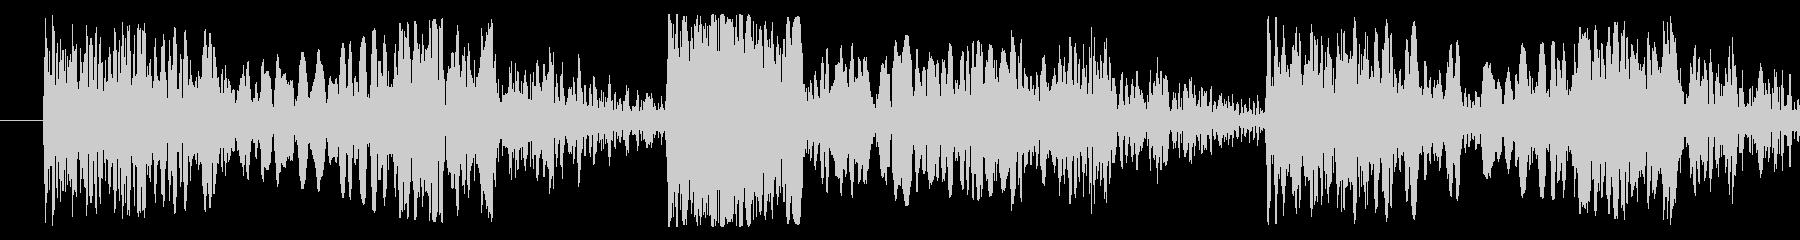 スクラッチ/DJの効果音!09の未再生の波形